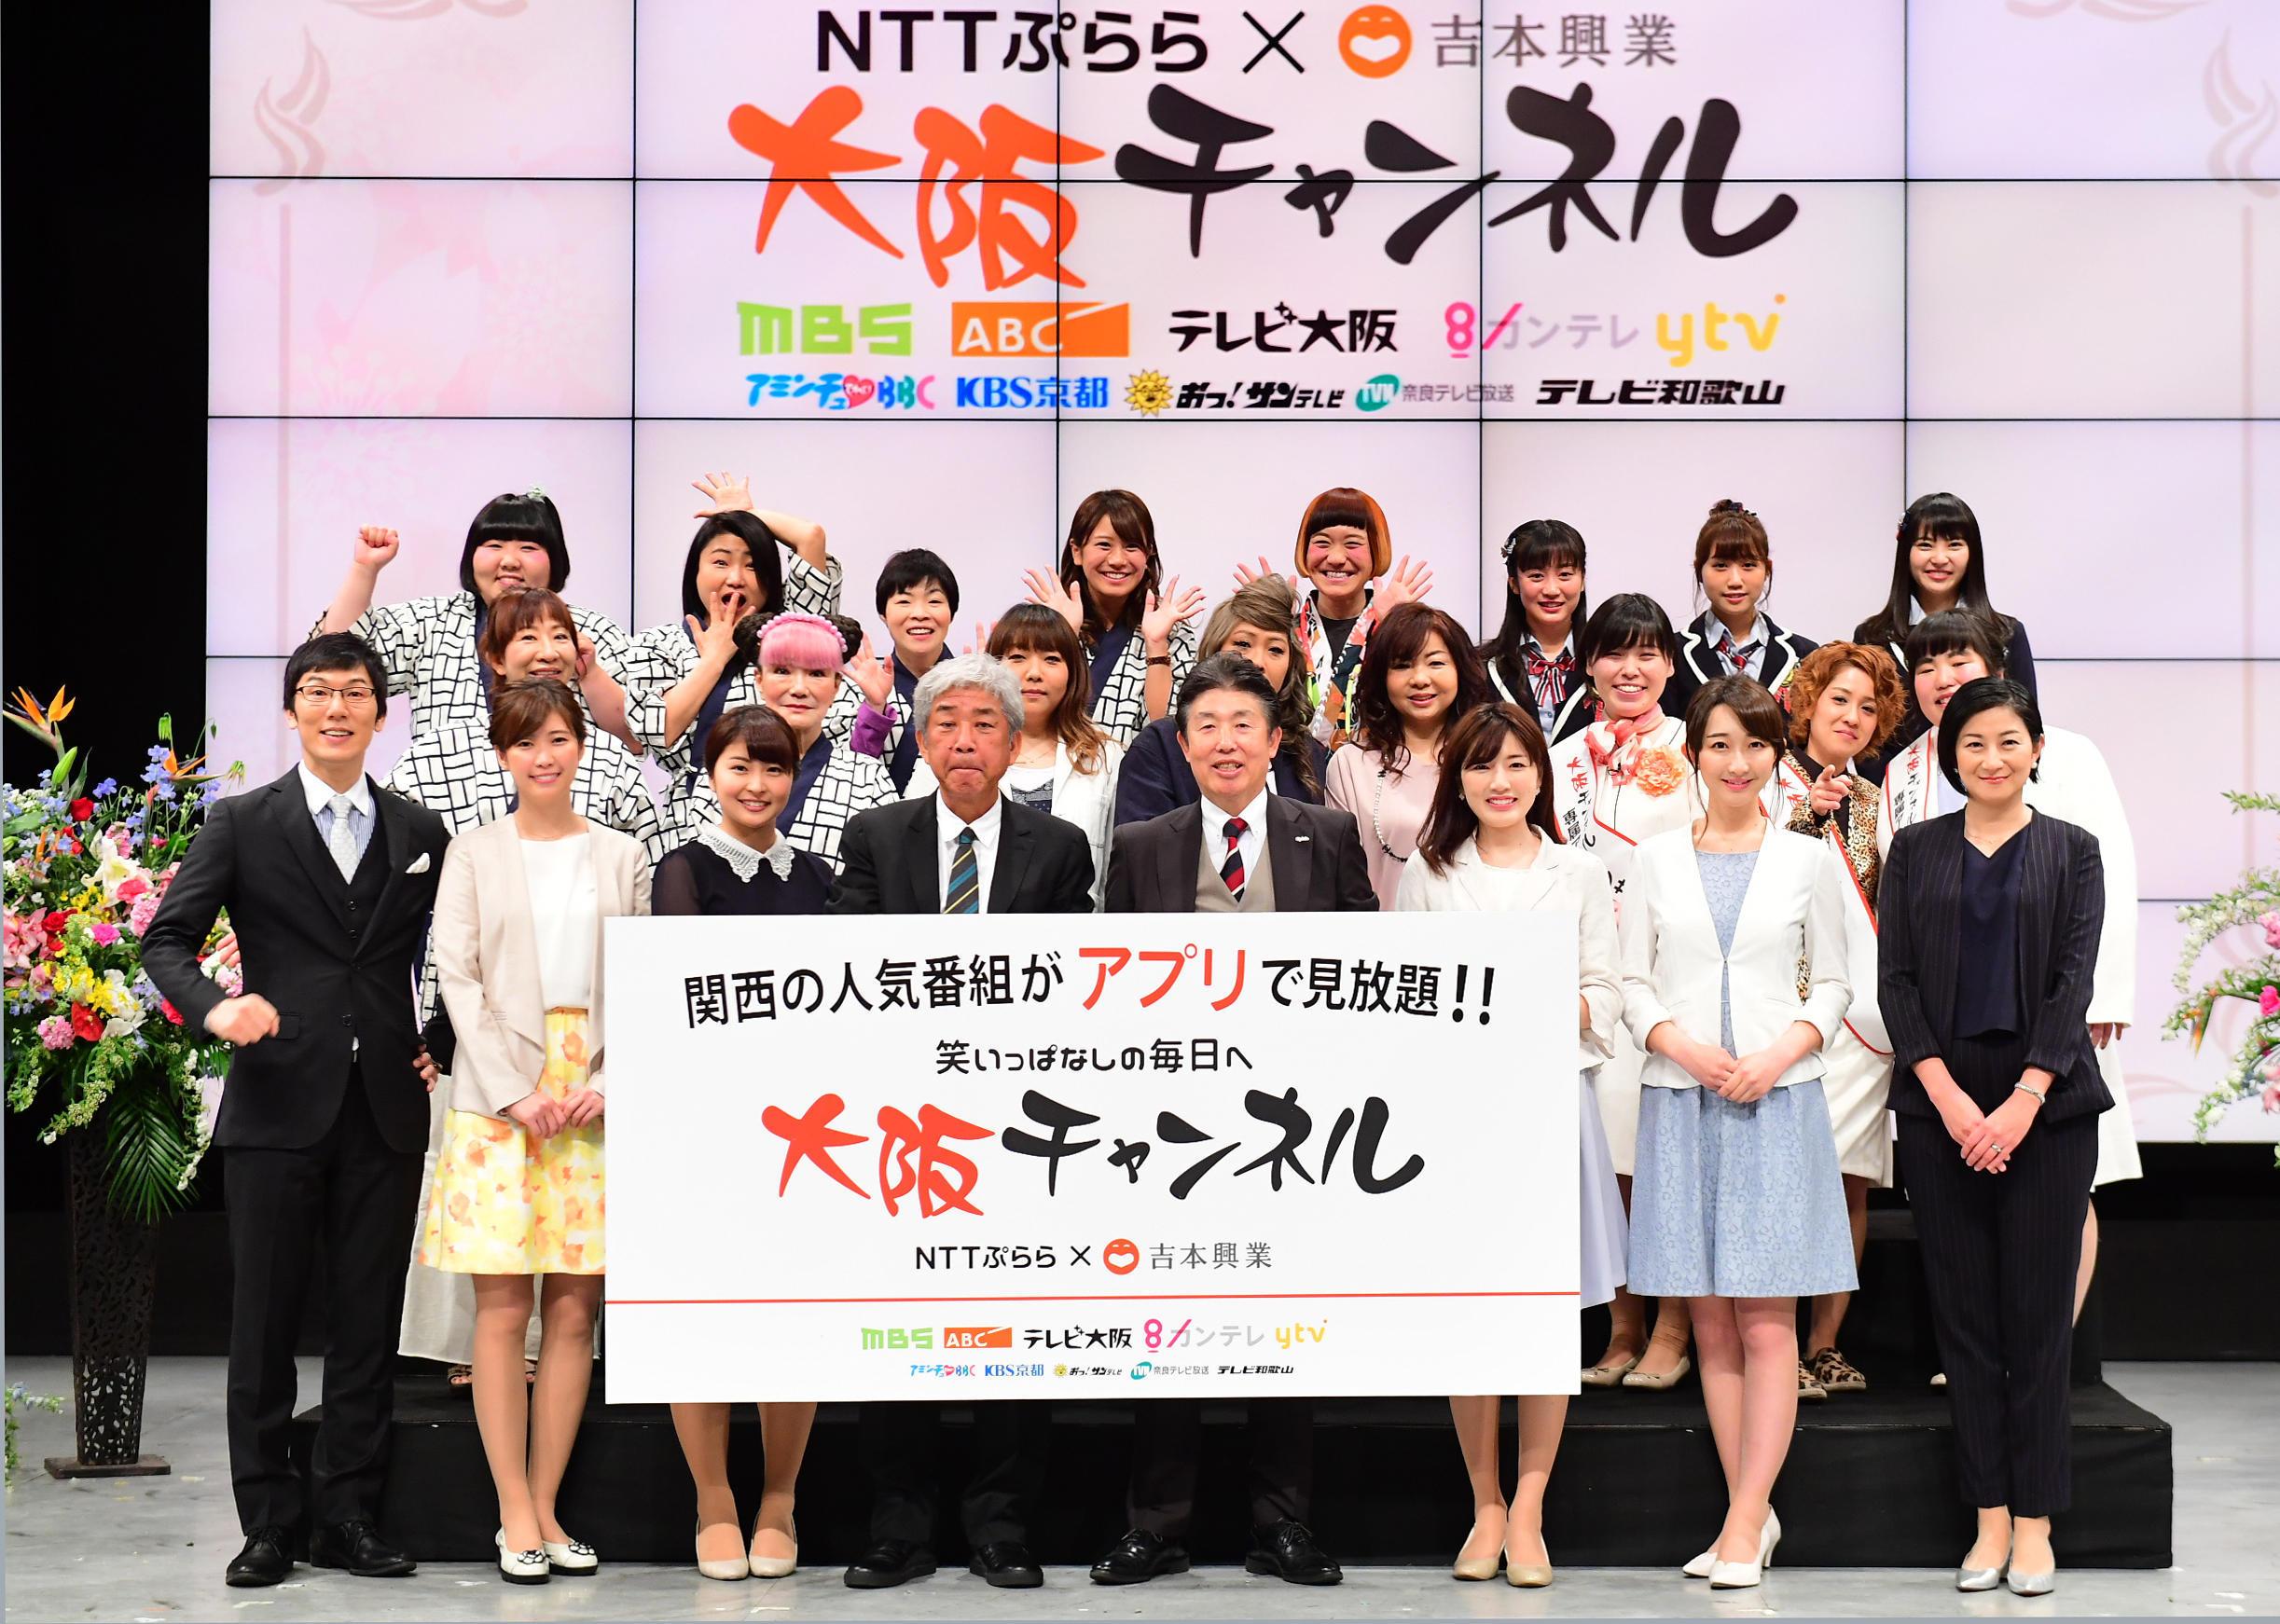 http://news.yoshimoto.co.jp/20170425154323-0829a34eb1912e51132a940f97fae0d8351d7c6a.jpg